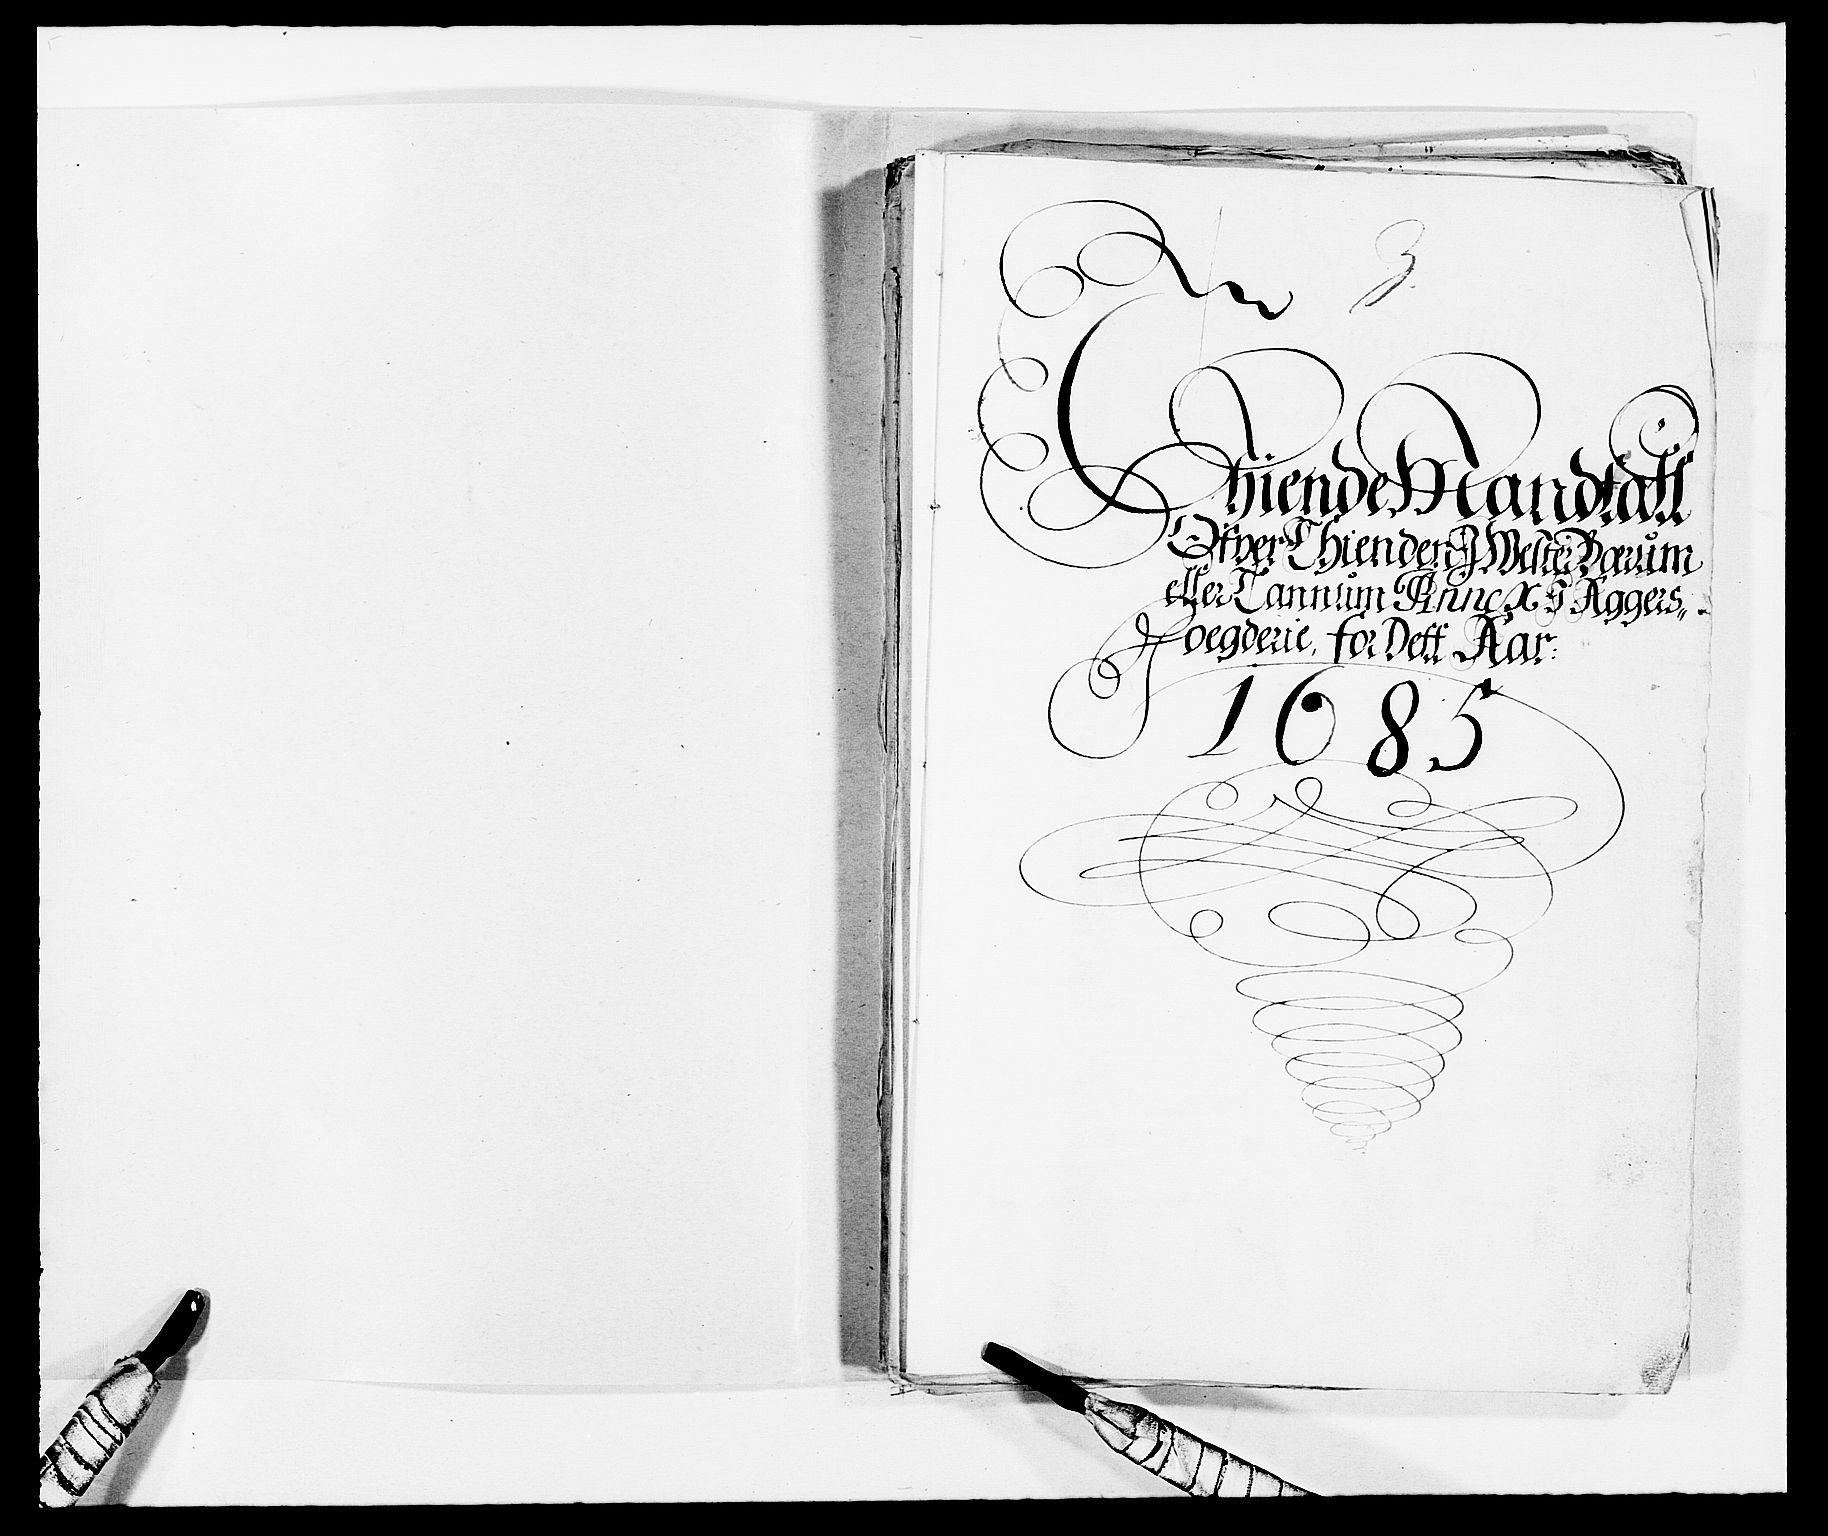 RA, Rentekammeret inntil 1814, Reviderte regnskaper, Fogderegnskap, R08/L0421: Fogderegnskap Aker, 1682-1683, s. 132